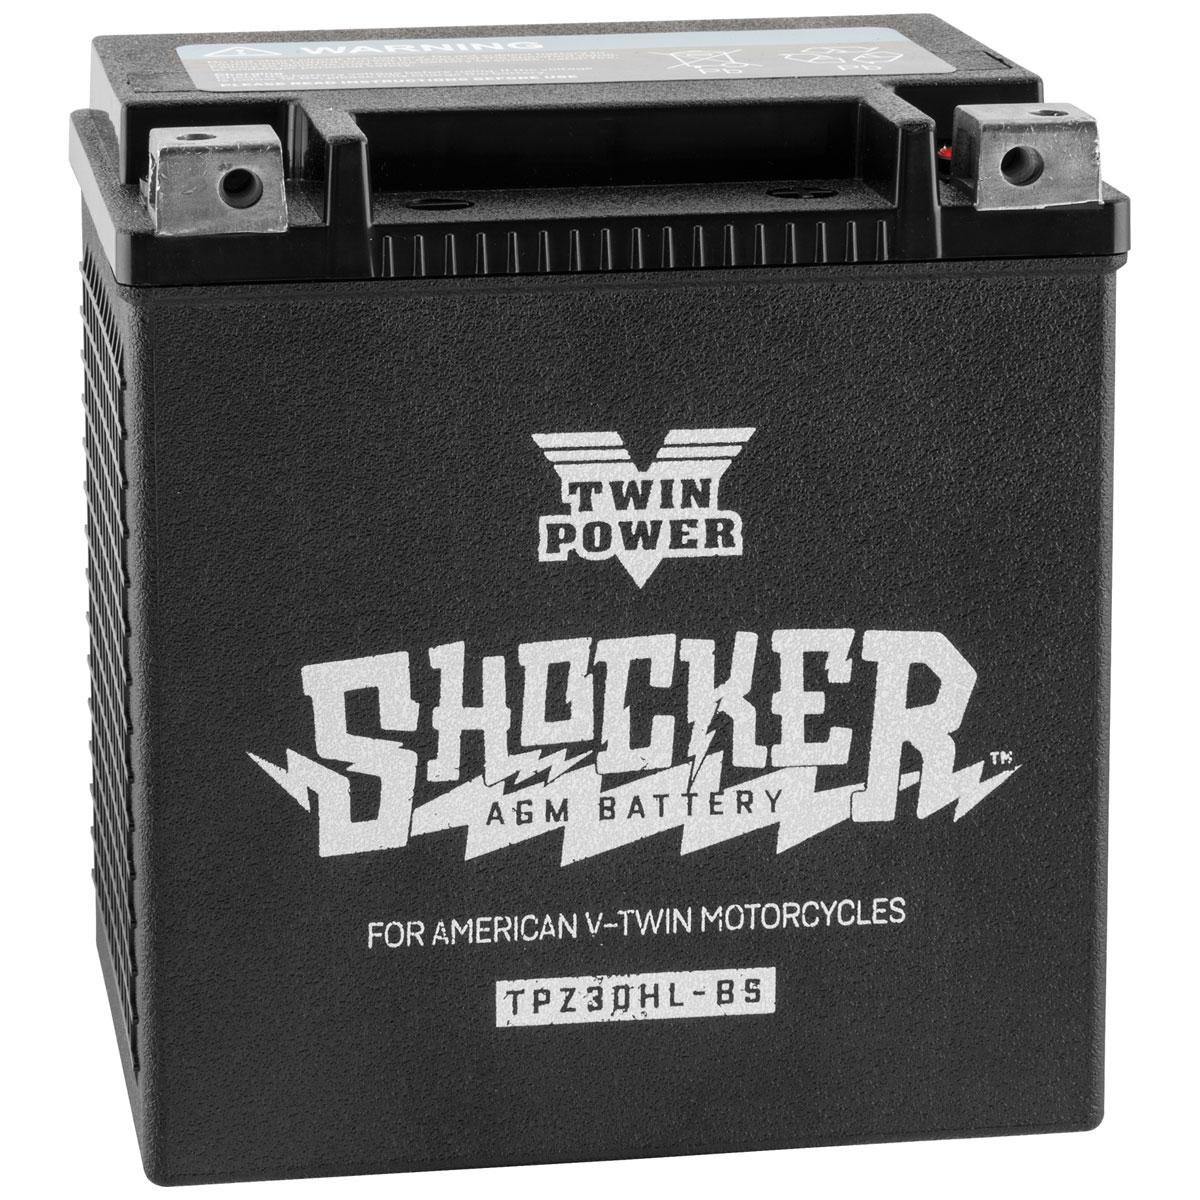 Twin Power Shocker Battery